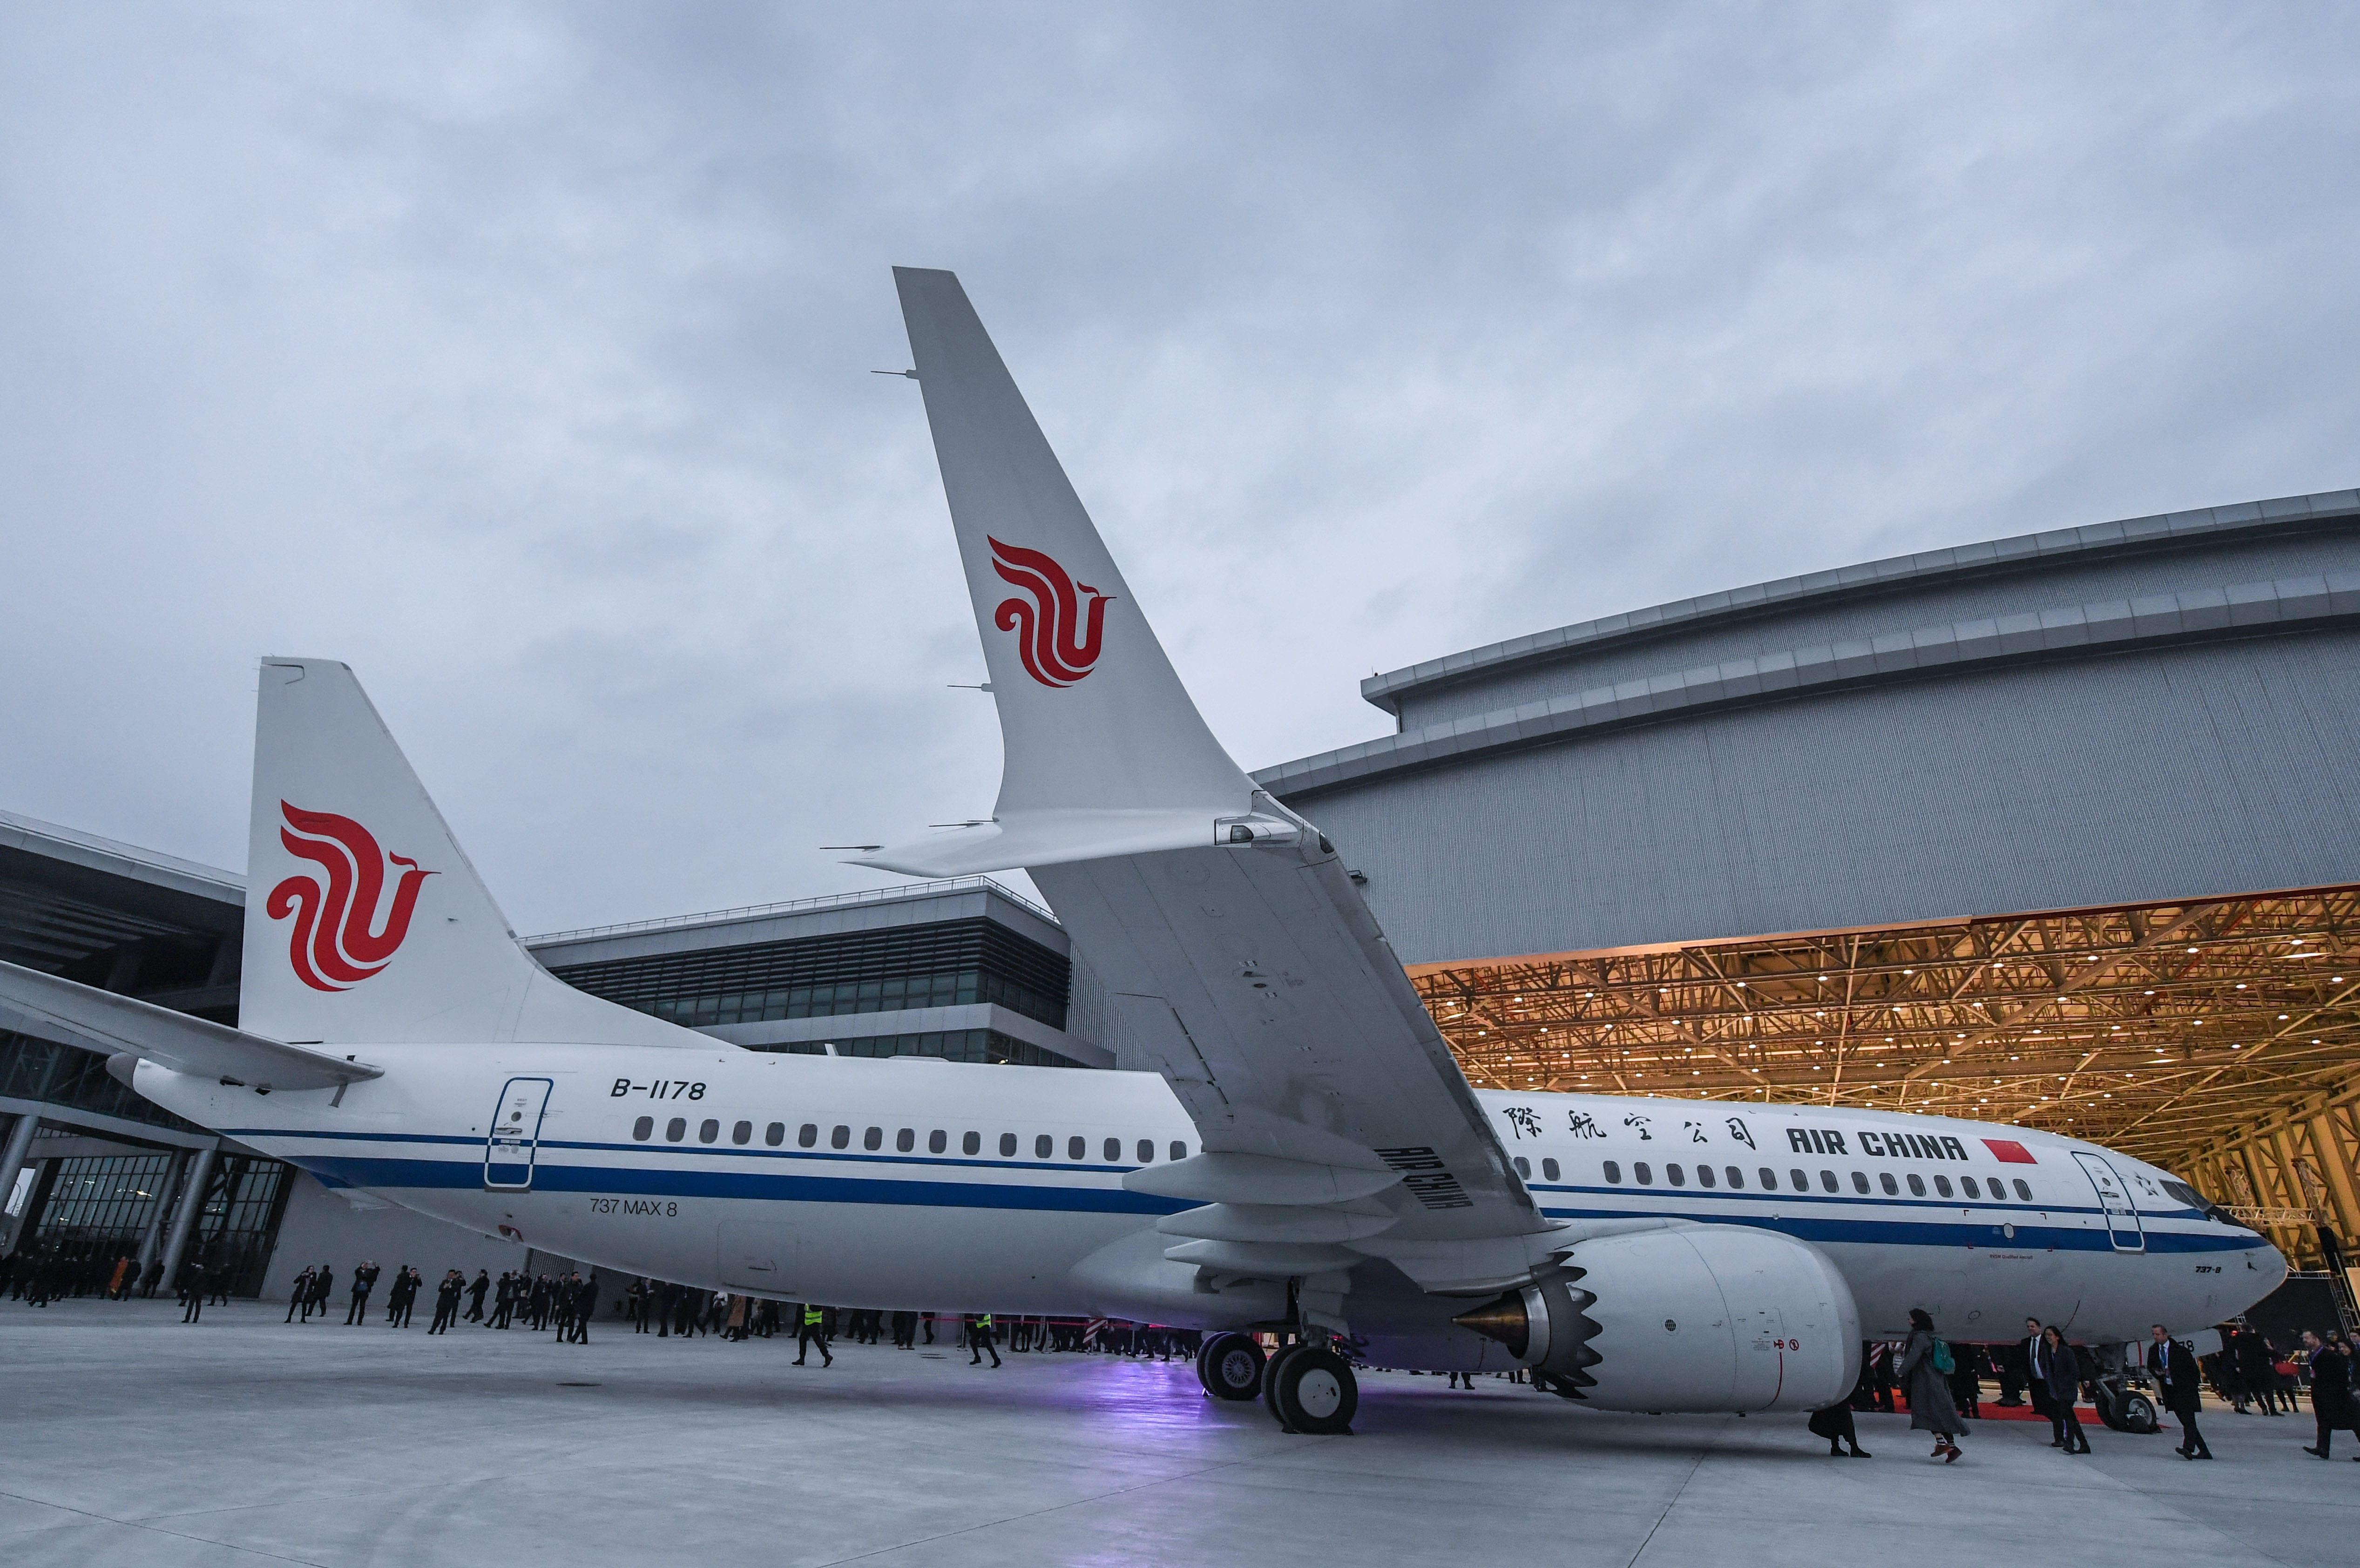 Novos Boeing 737 MAX têm winglets divididos em dois na ponta das asas e carapaça do motor com desenho que imita dentes de tubarão (Foto: Xu Yu/Xinhua)